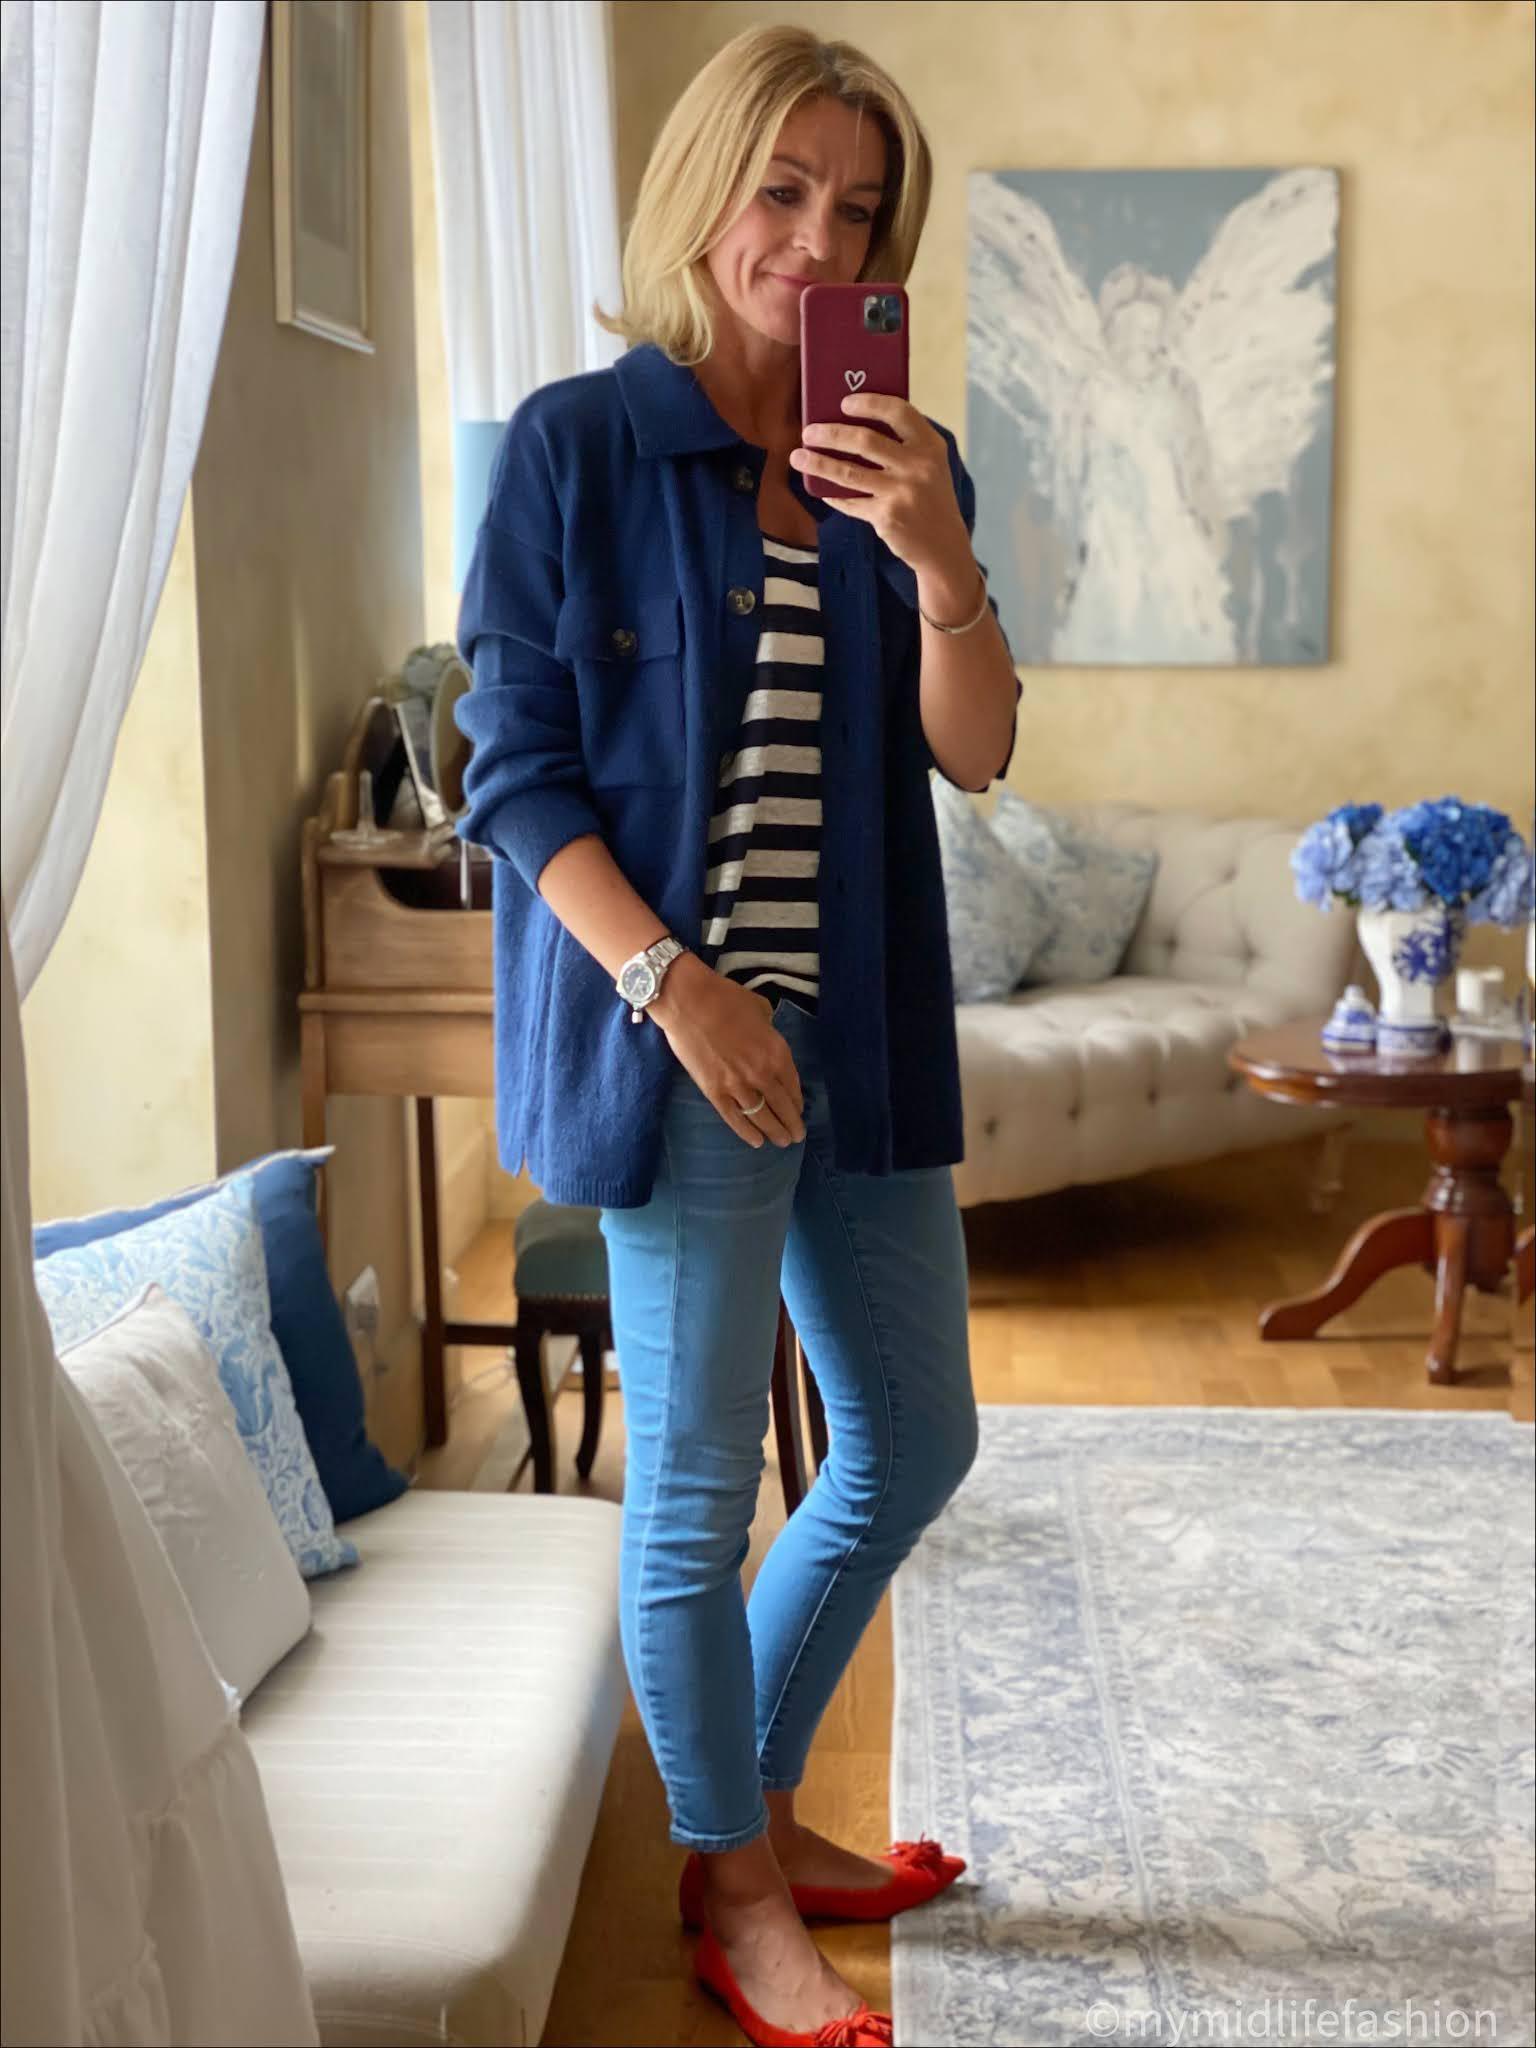 my midlife fashion, Baukjen gabby lambswool shacket, j crew stripe linen vest top, j crew 8 inch toothpick skinny jeans, j crew suede tassel ballet pumps